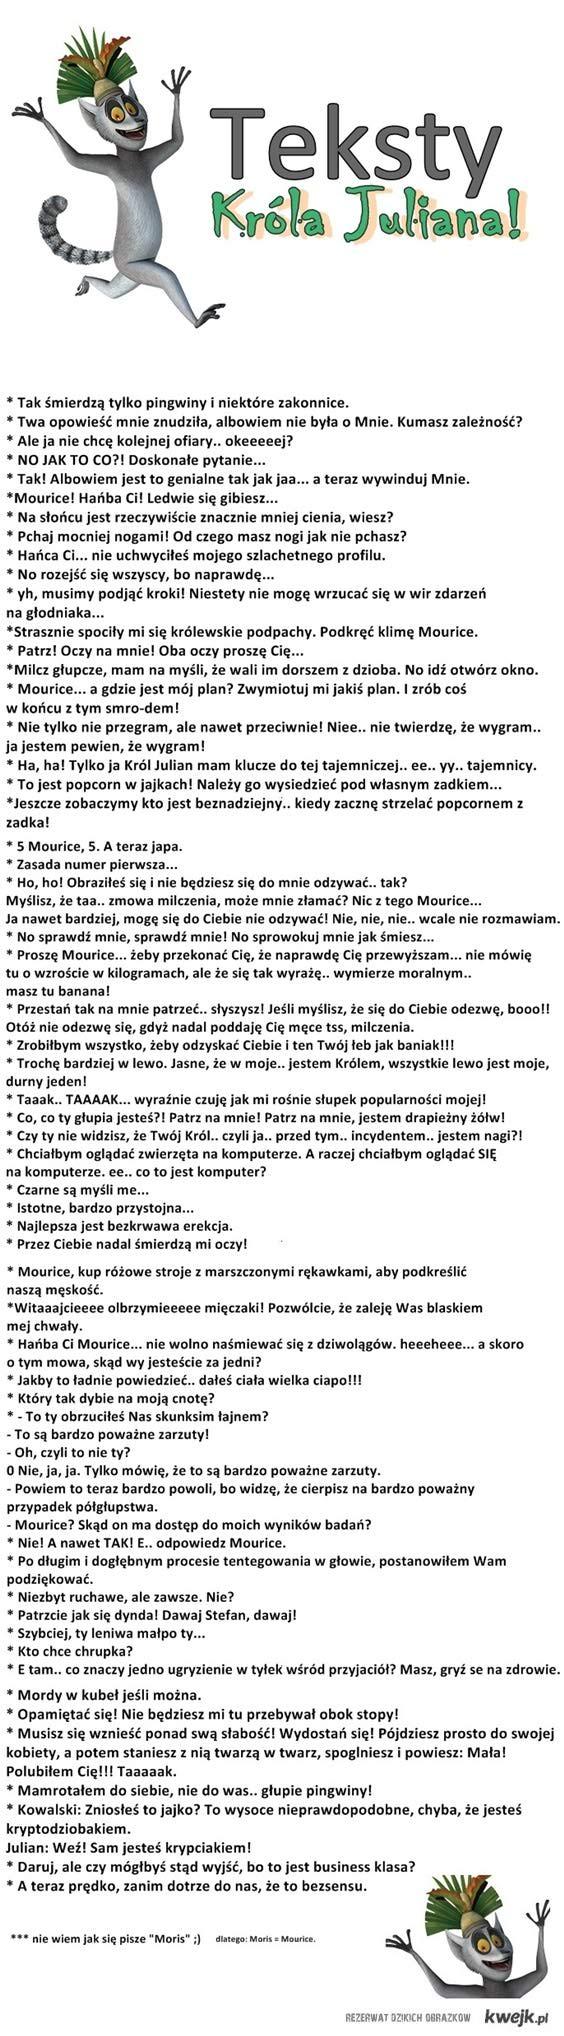 Teksty Króla Juliana.